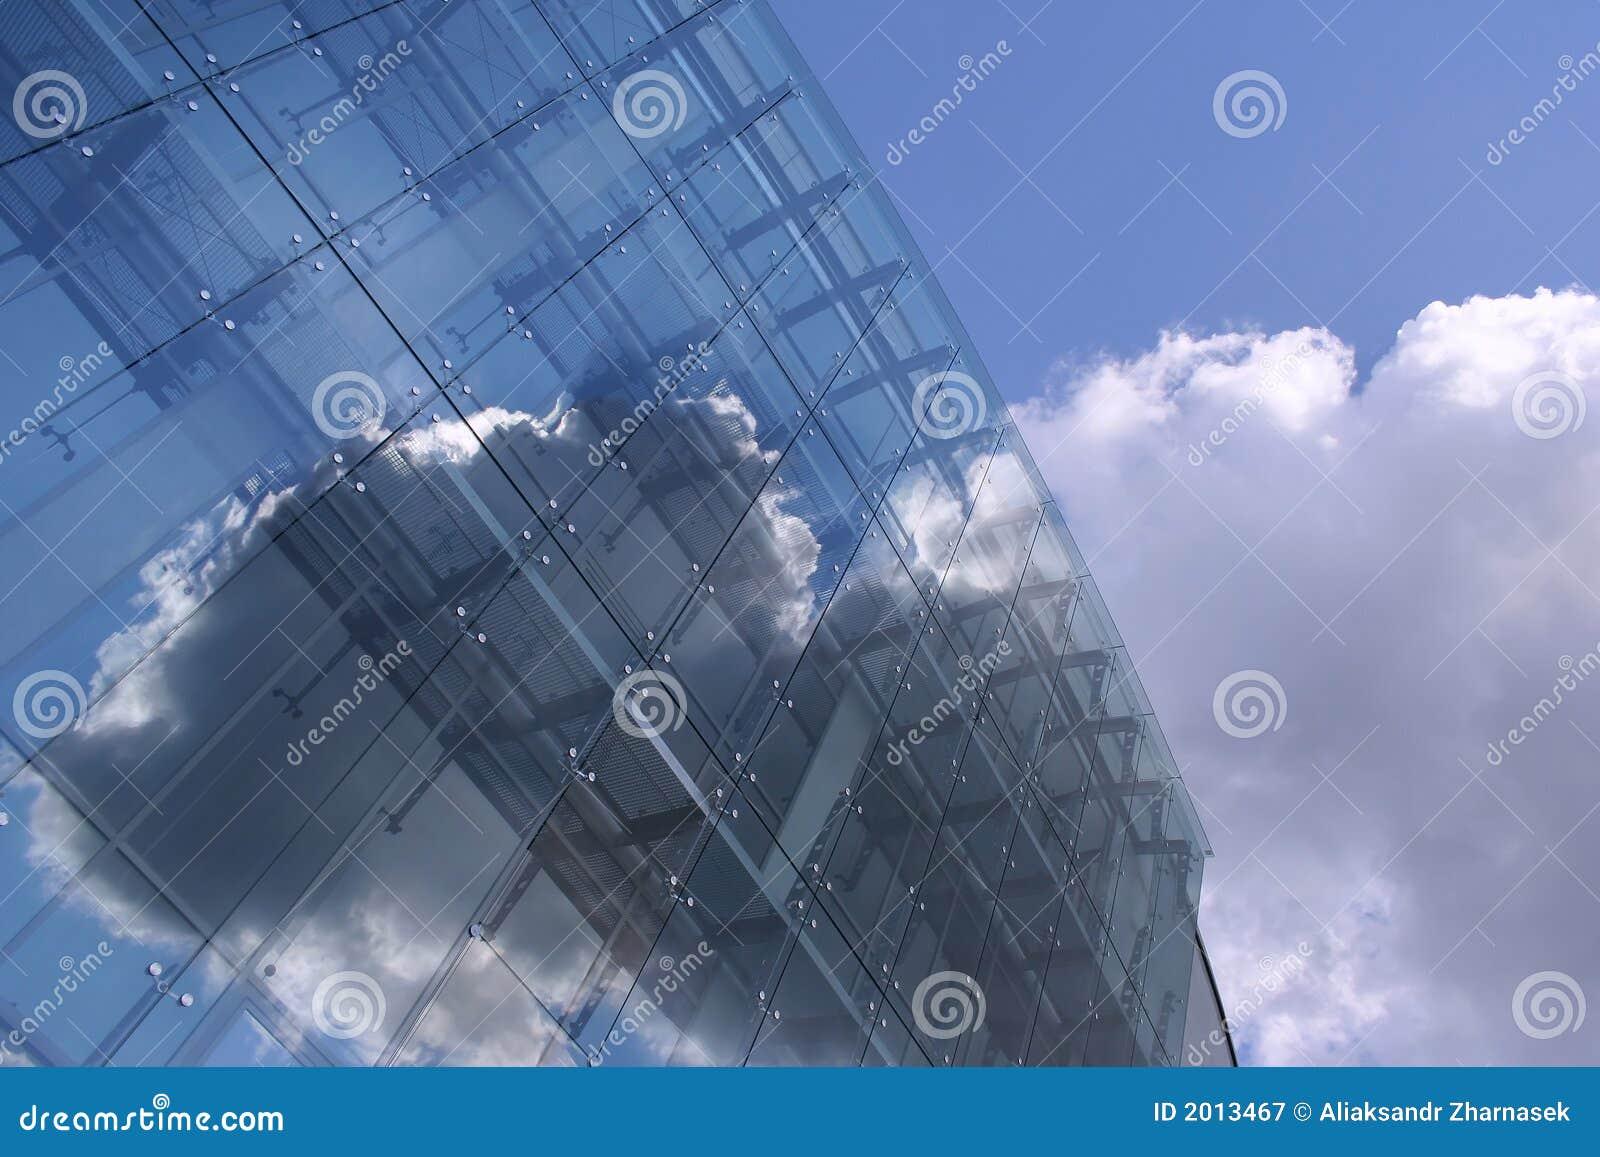 A glassy future edifice on the blue sky